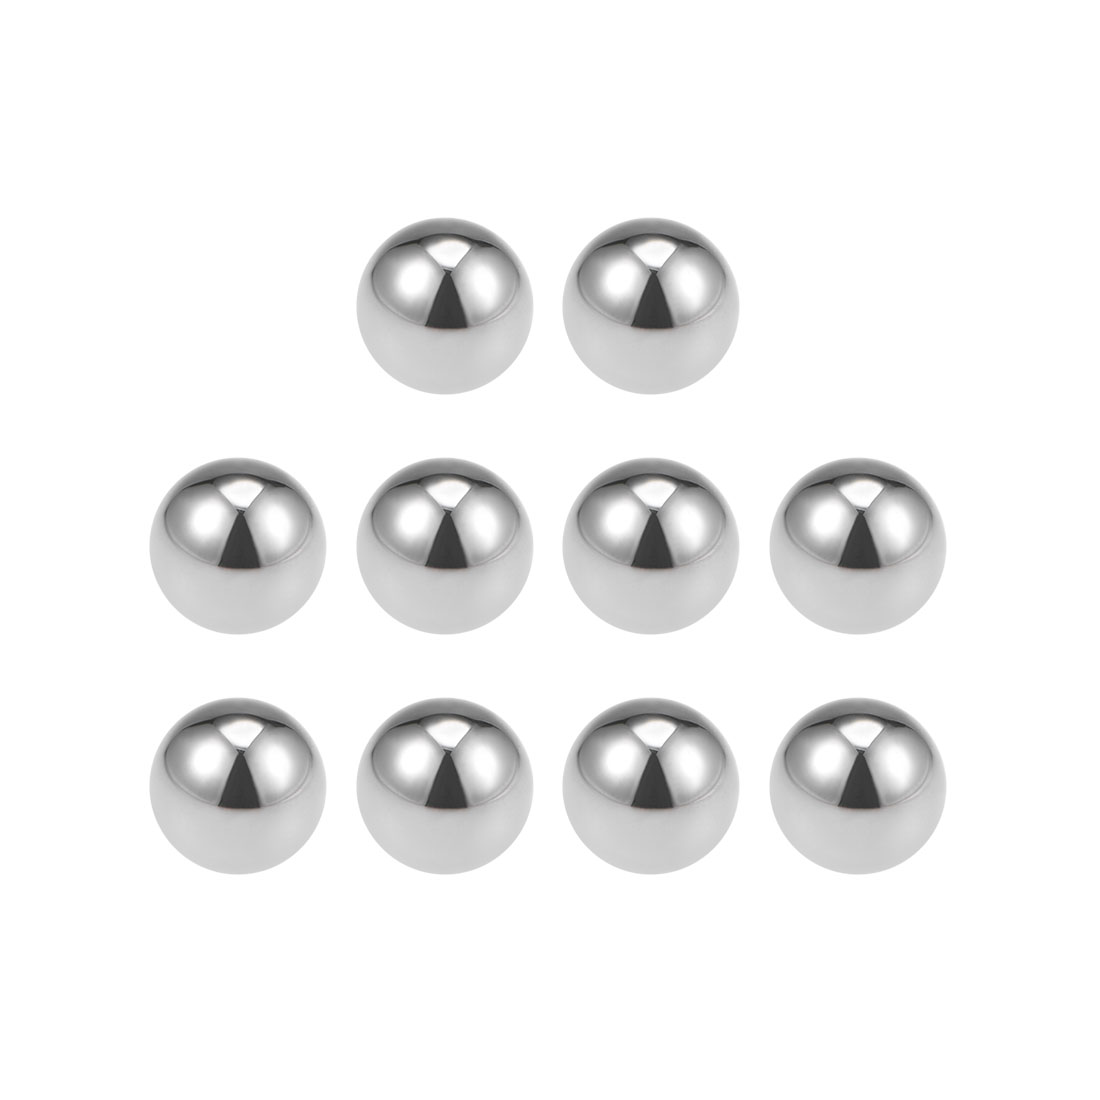 """1/8"""" Bearing Balls Tungsten Carbide G25 Precision Balls 10pcs"""